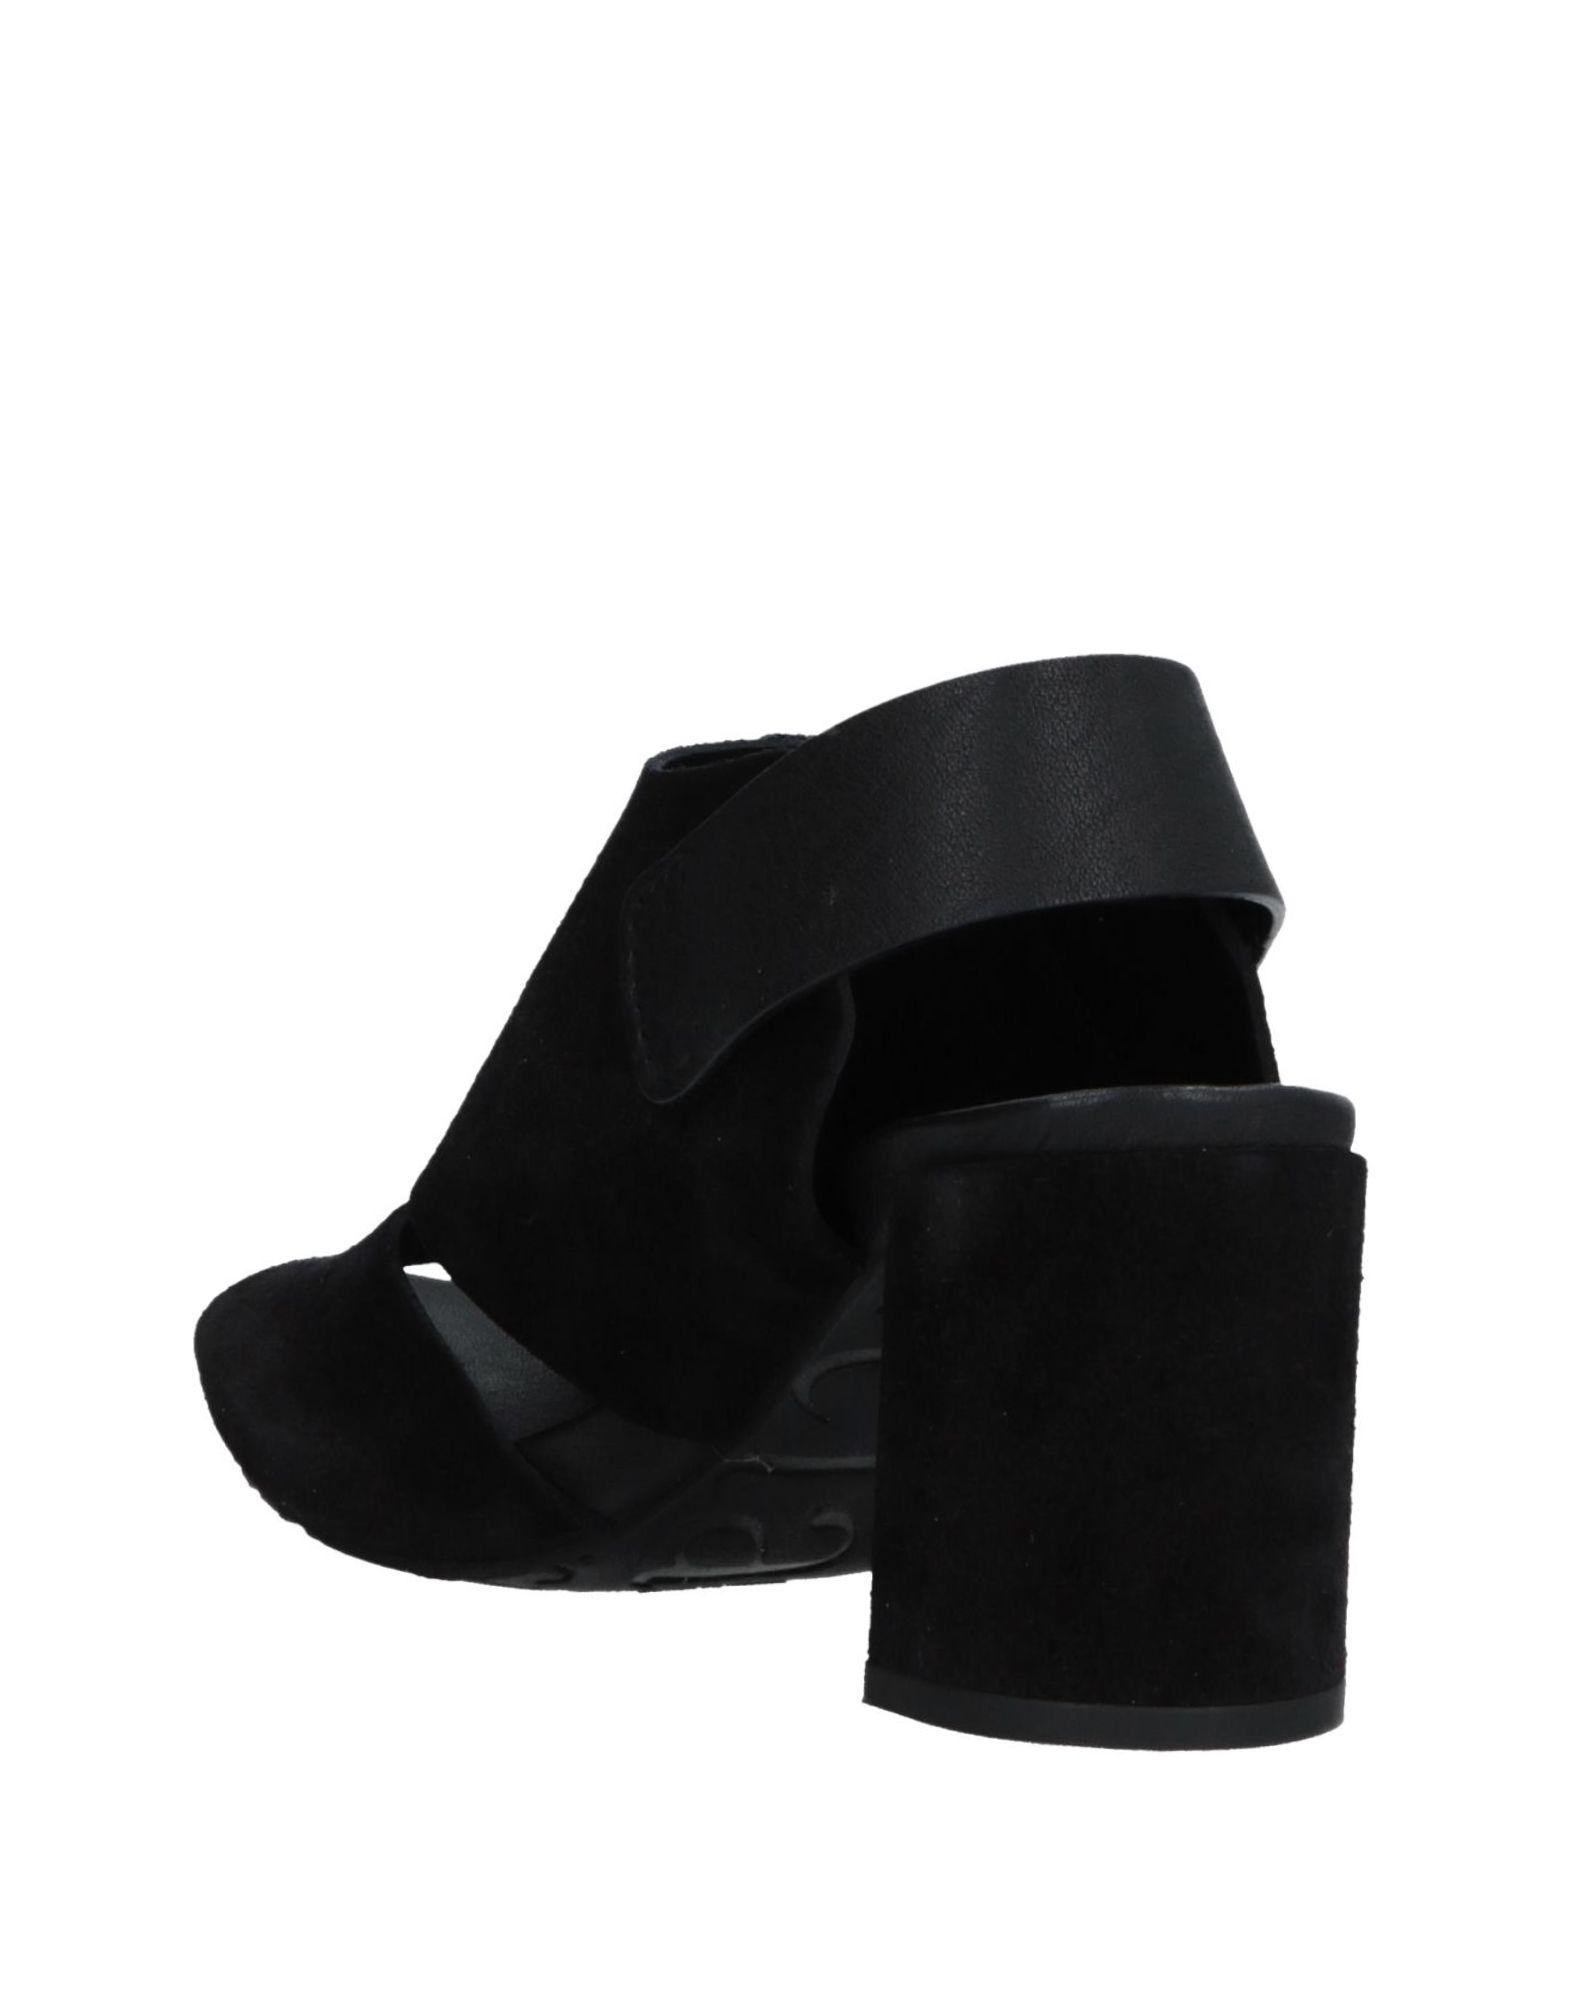 pedro garc & # 237; sandales - femmes pedro pedro pedro garc & # 237; sandales en ligne sur canada - 11572417af fd4501